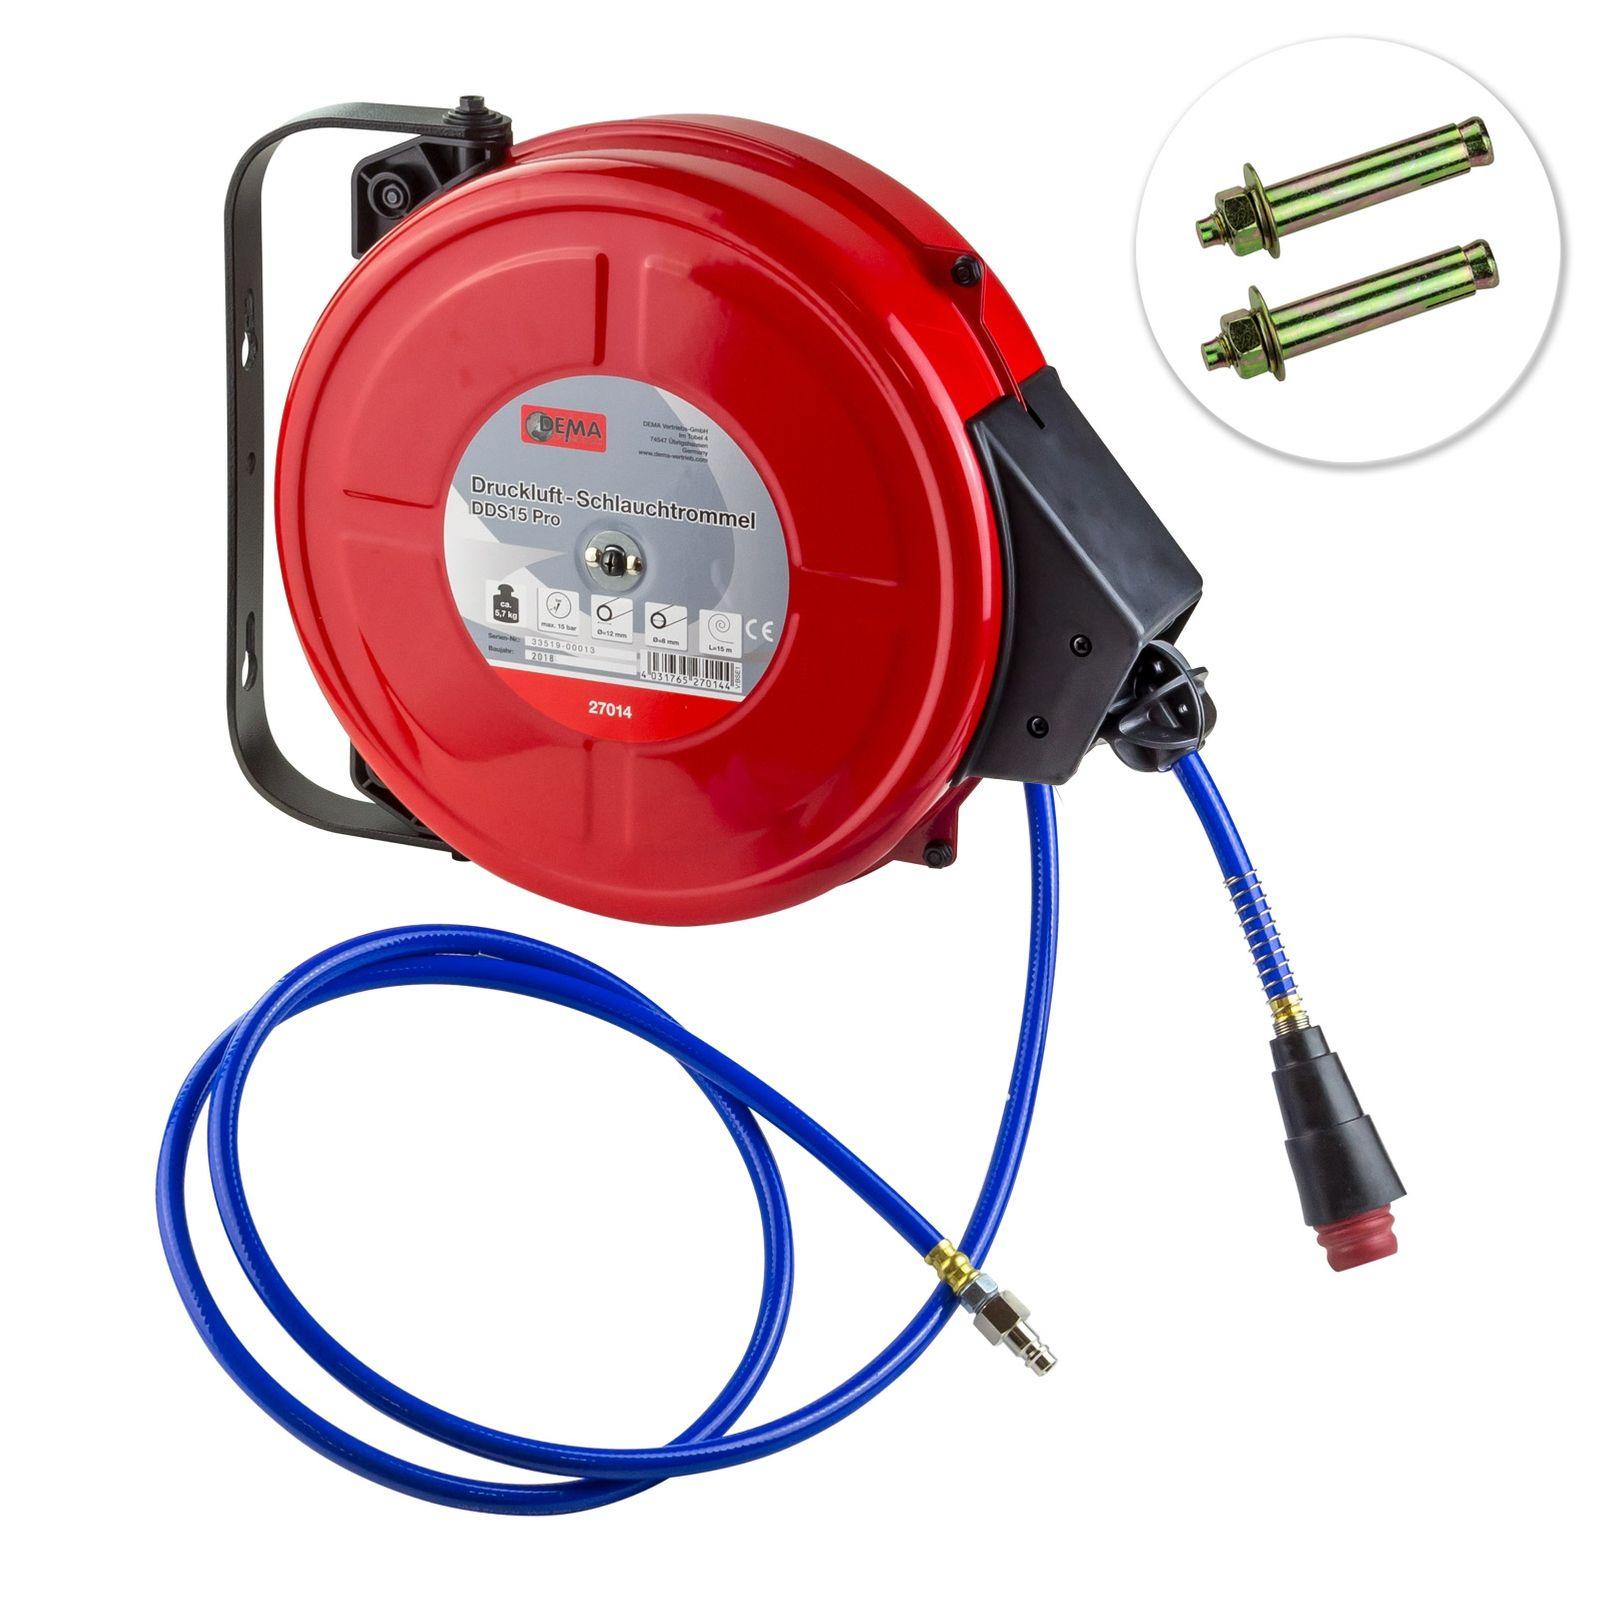 Dema Druckluft - Schlauchtrommel DDS15 Pro 27014